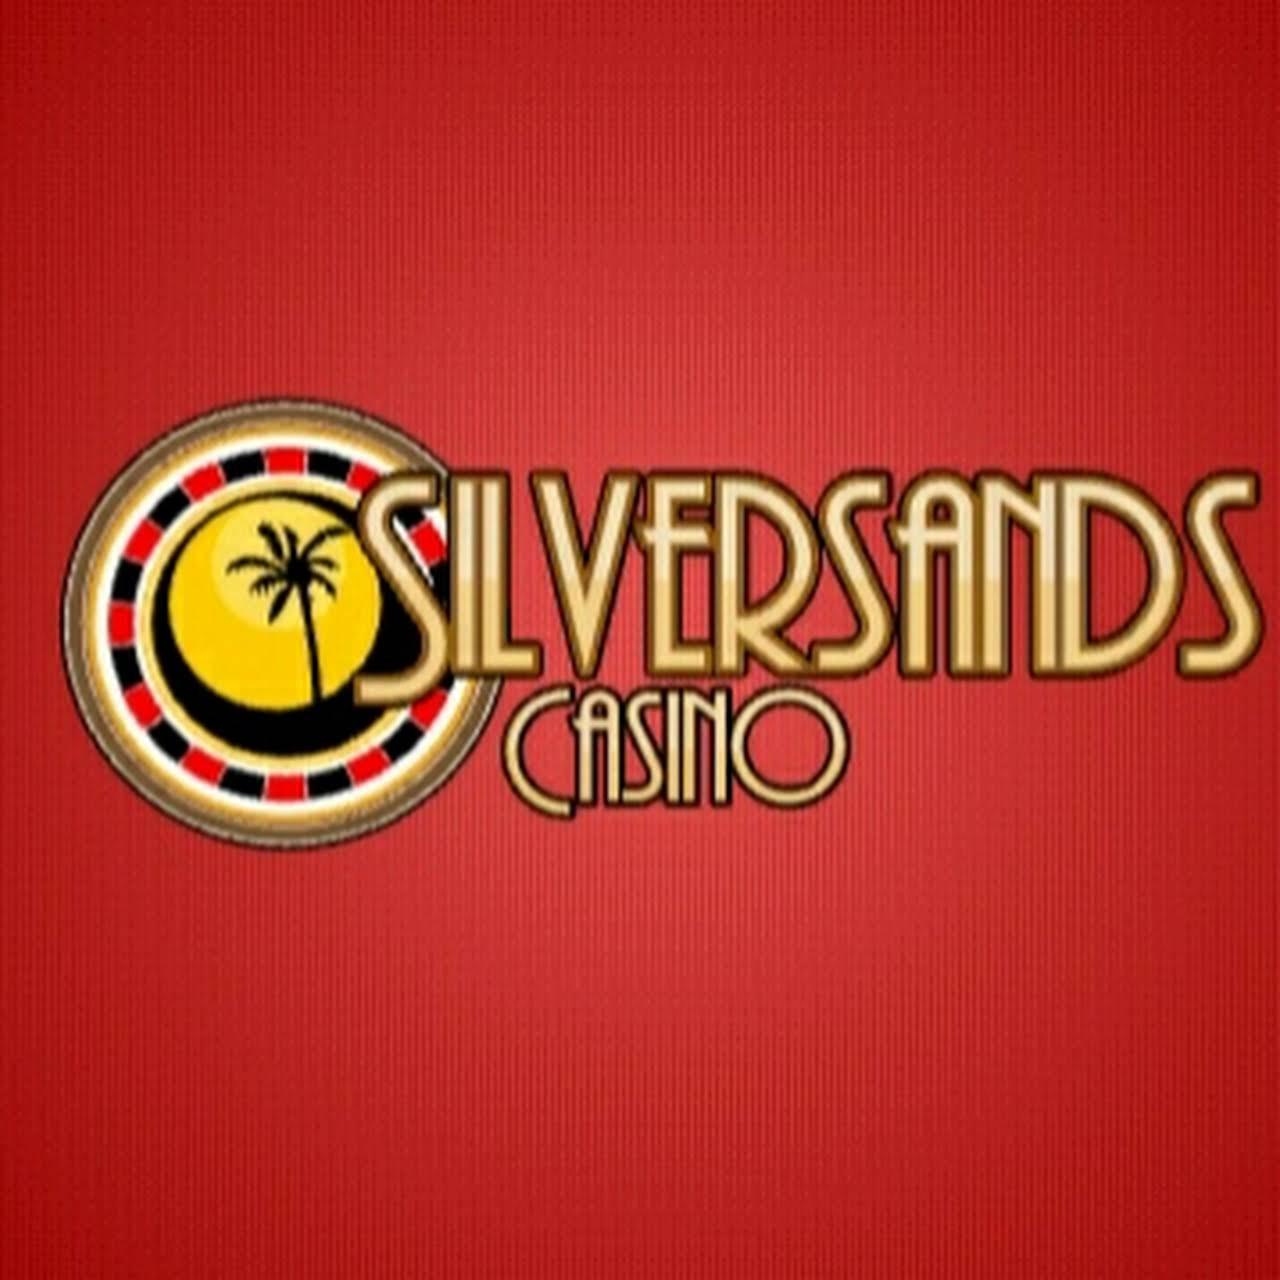 silver sands casino charon